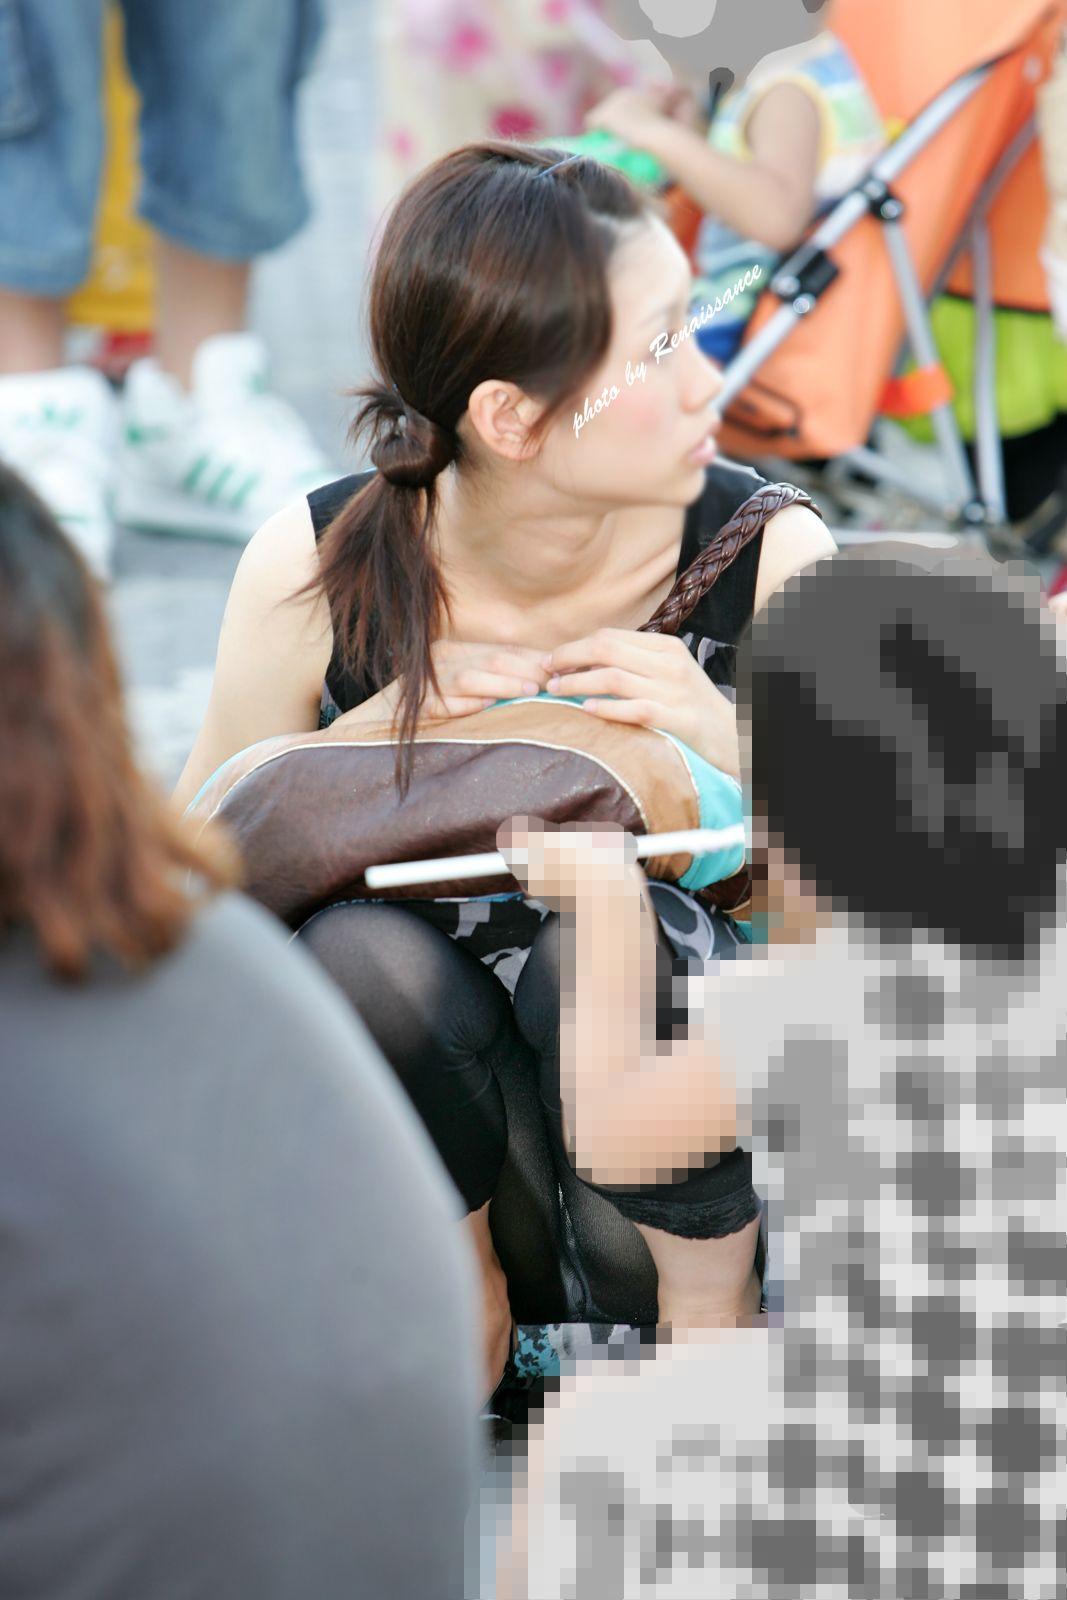 子連れ妻のパンチラ盗撮エロ画像30枚・3枚目の画像